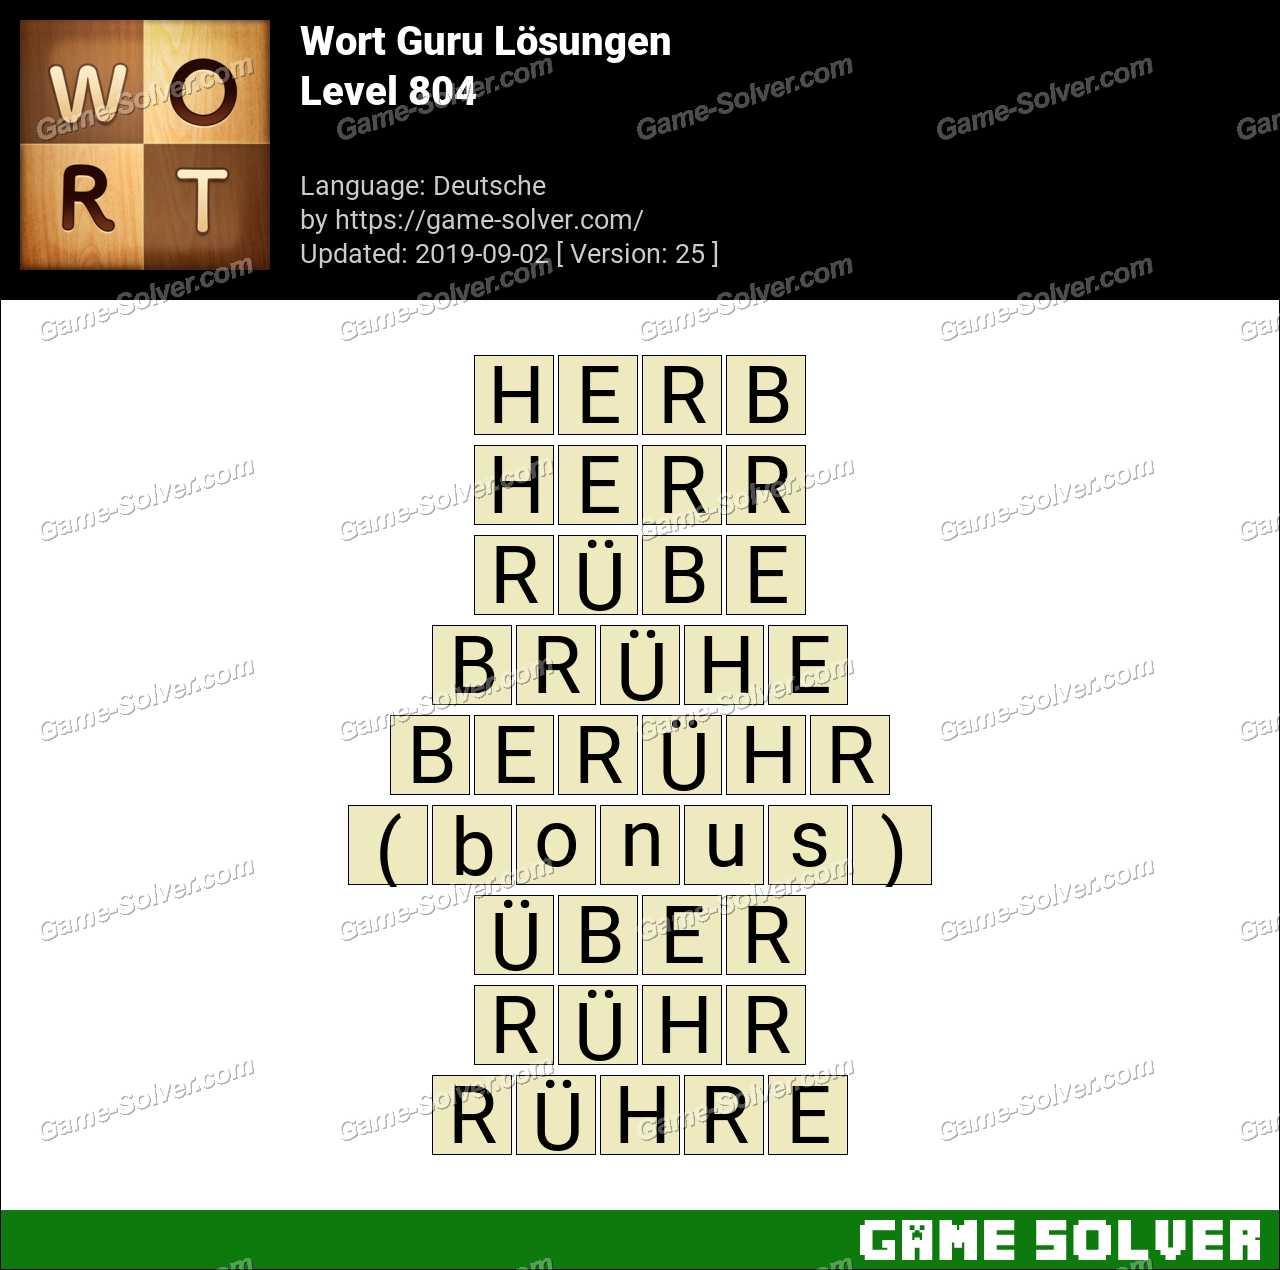 Wort Guru Level 804 Lösungen